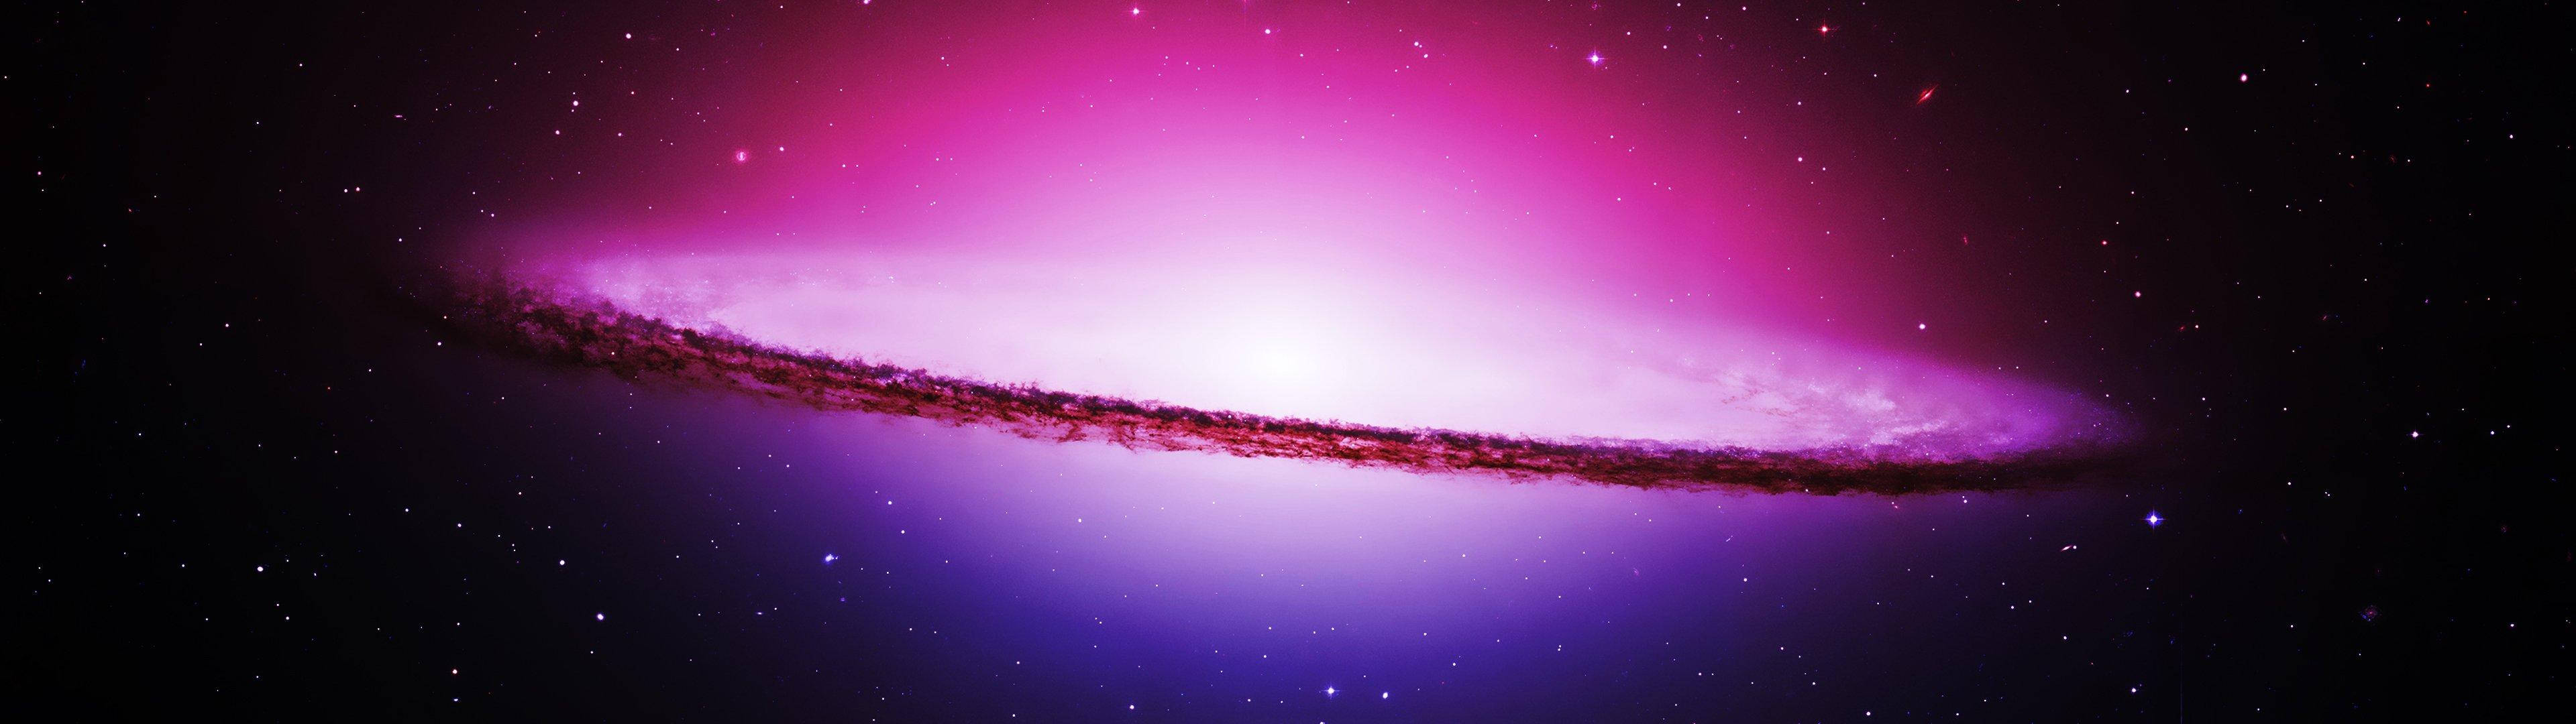 Astronomy HD desktop wallpaper  Widescreen  High